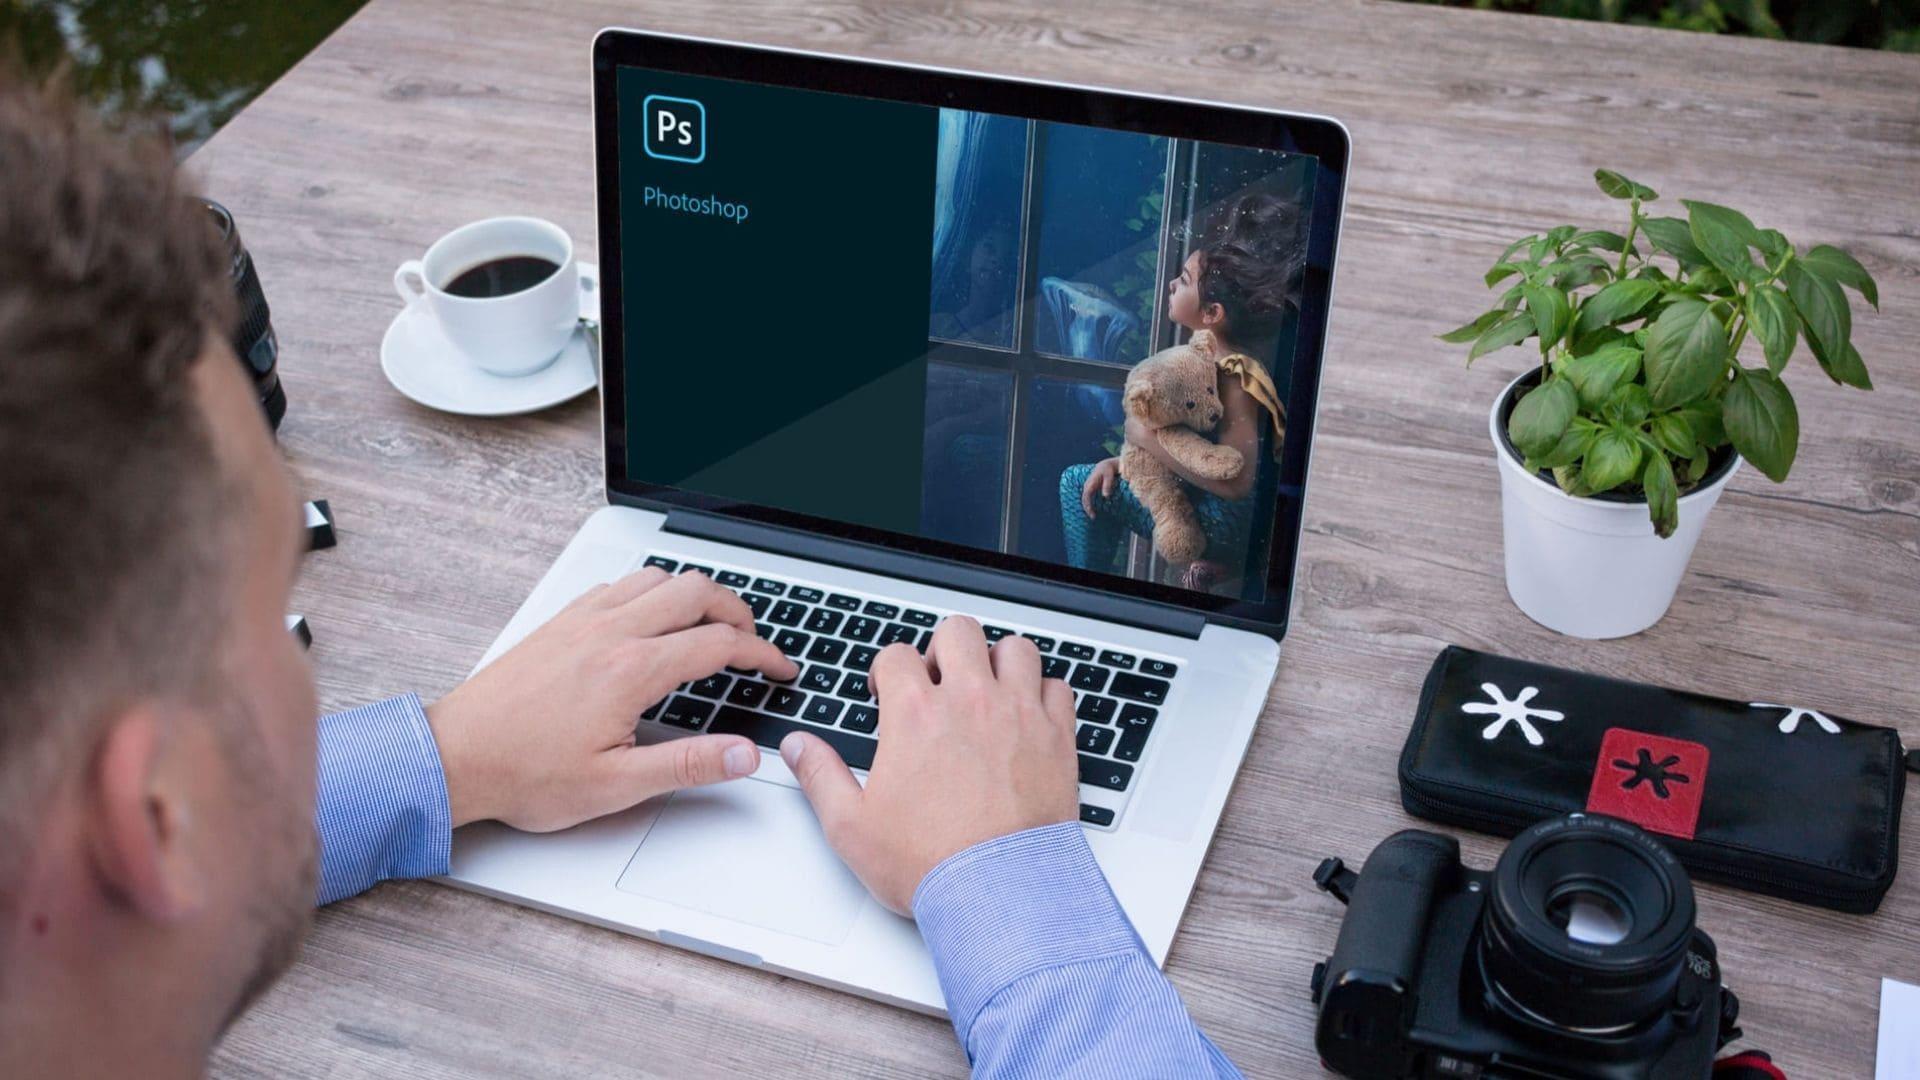 Homem usando Adobe Photoshop no notebook em cima de mesa de madeira